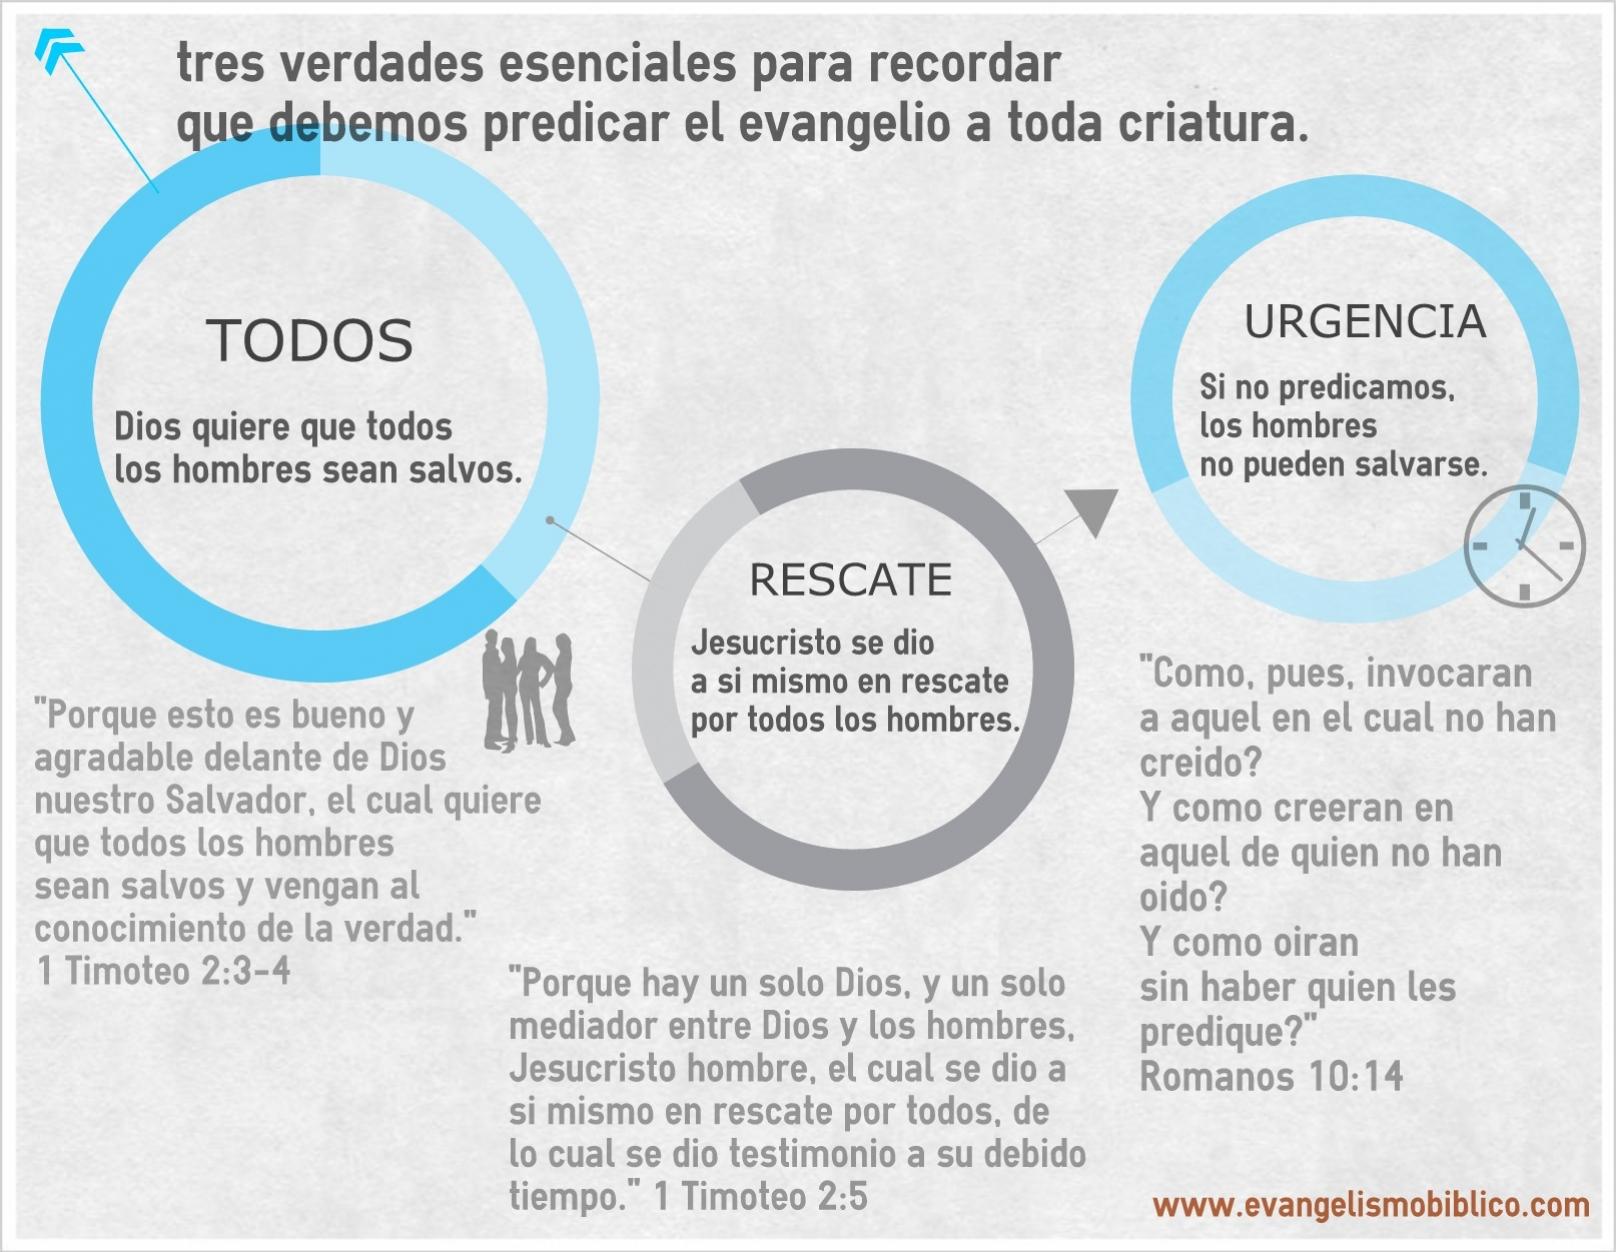 Tres verdades acerca del evangelismo